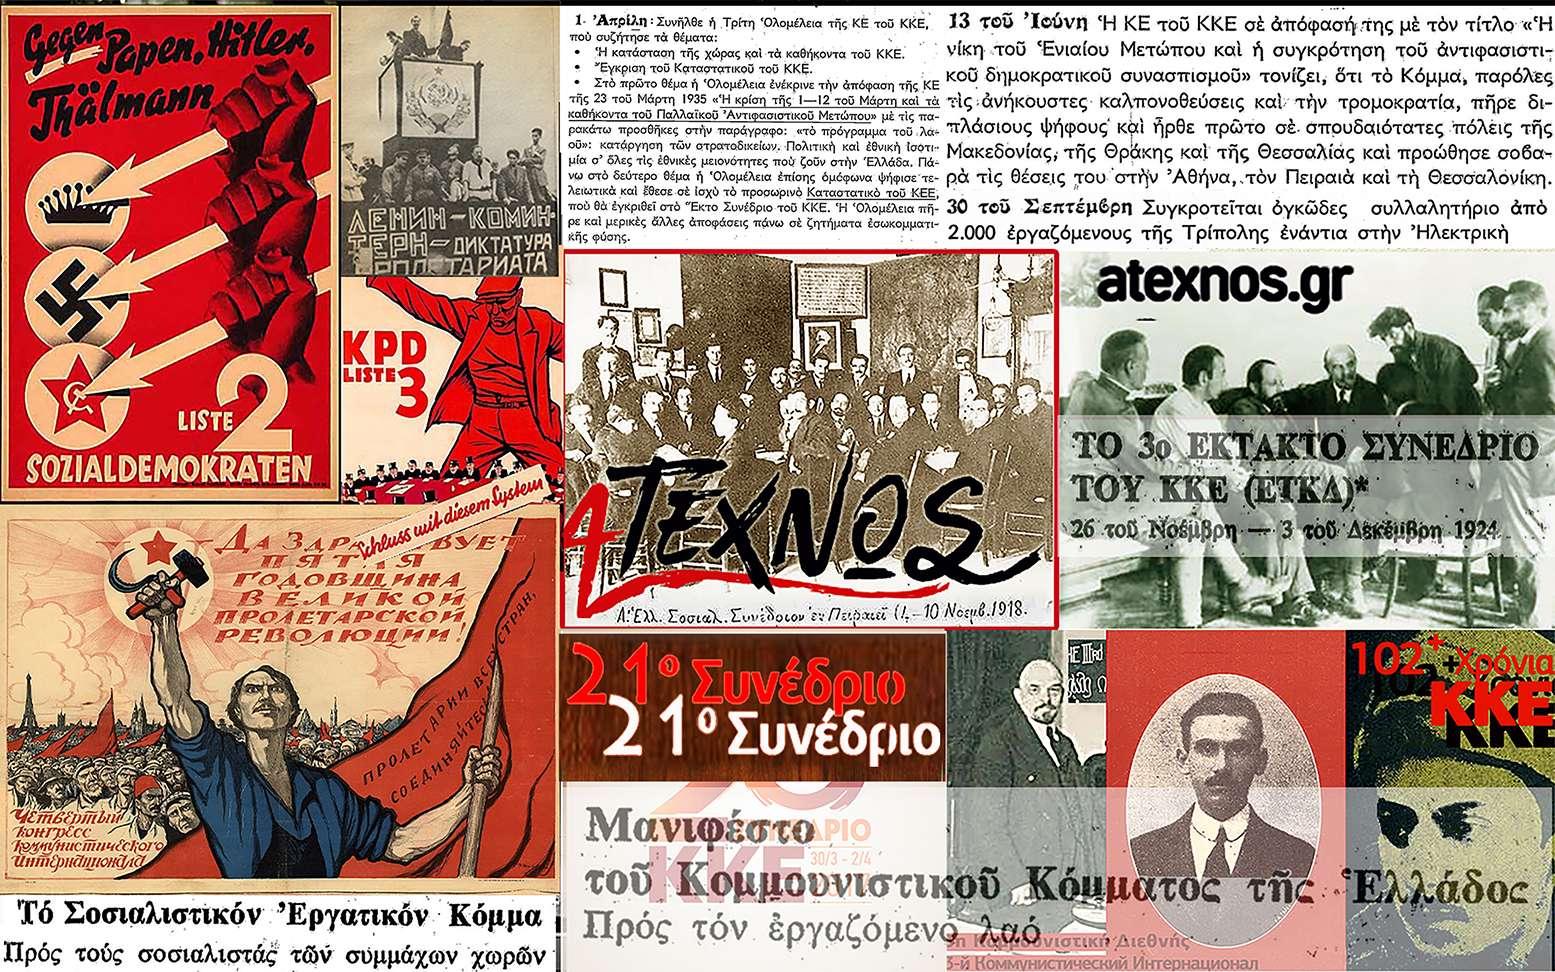 Atexnos Ατέχνως από το 6ο στο 7ο Συνέδριο ΚΚΕ KKE